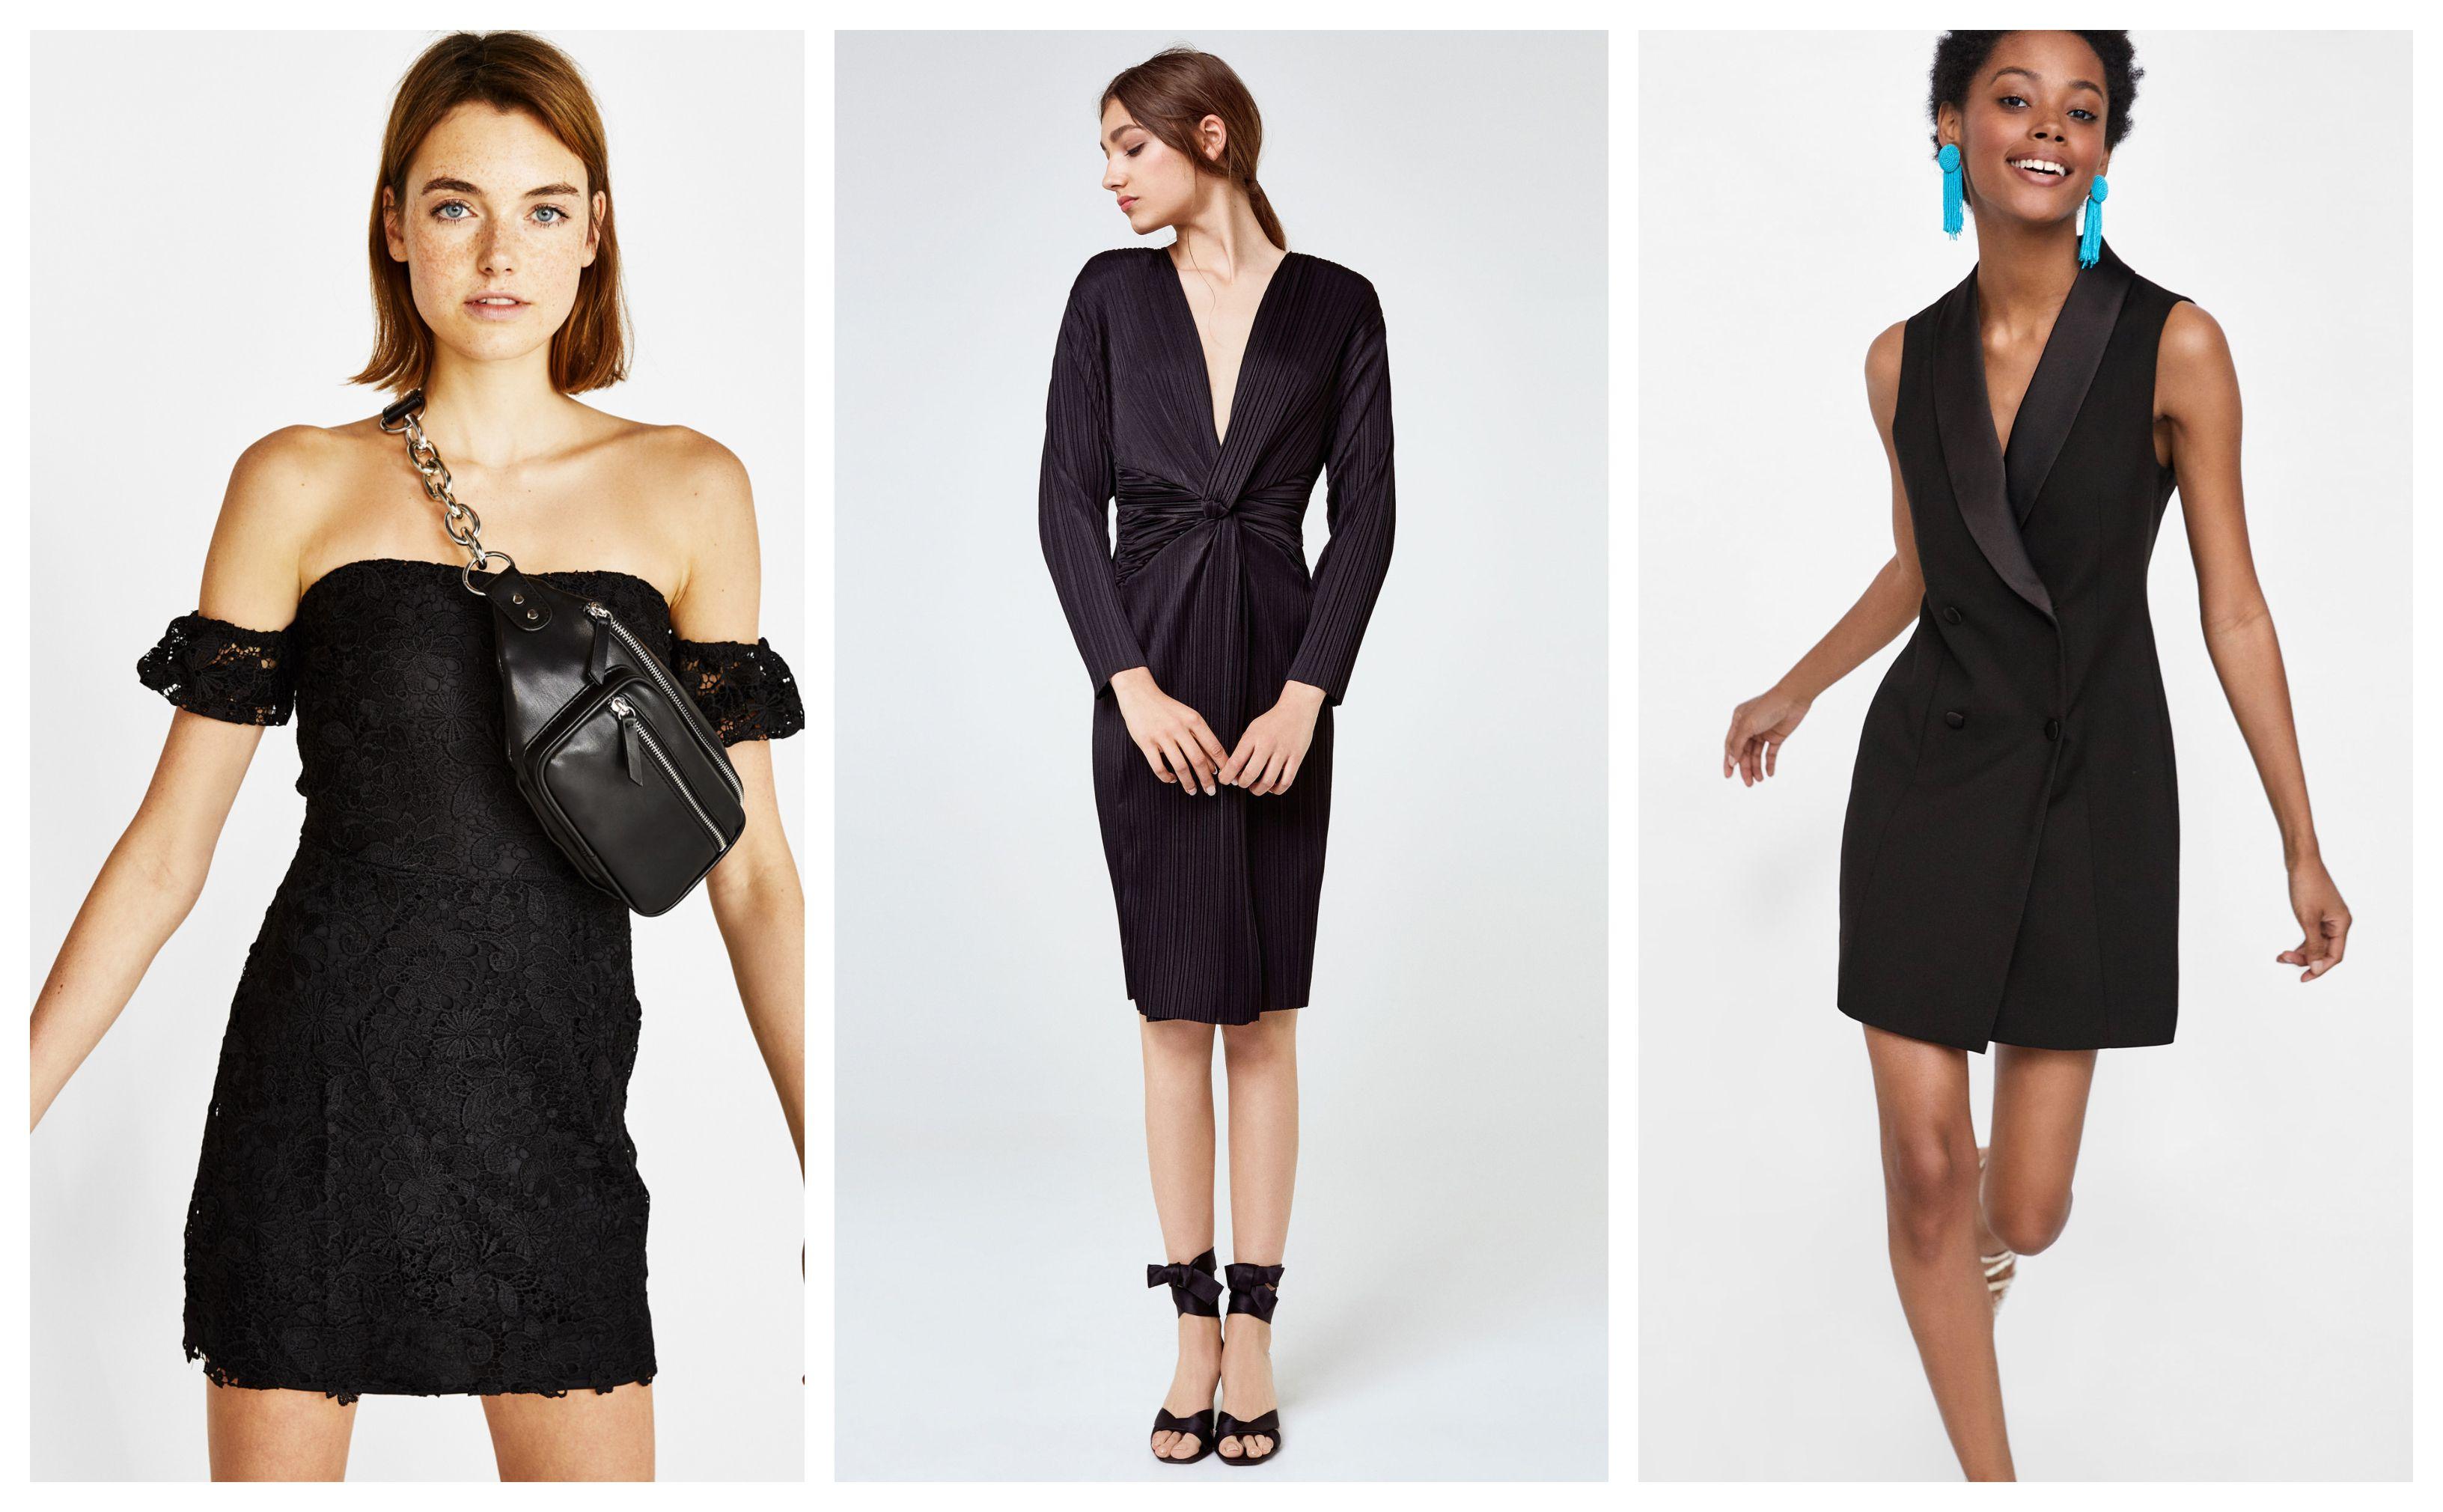 Mala crna haljina za ljeto? Zašto ne!